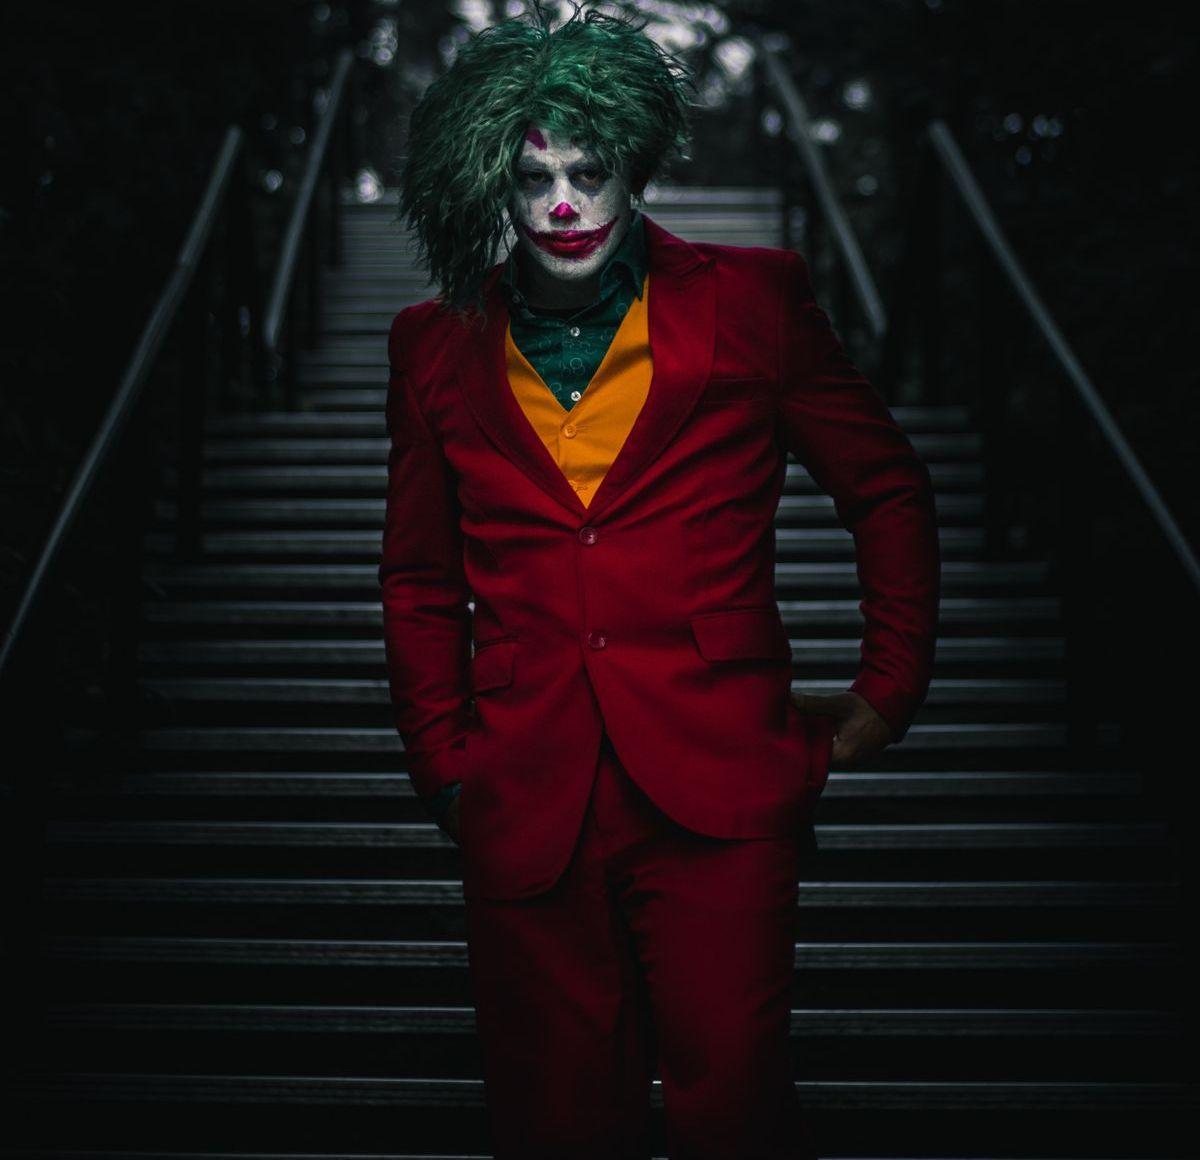 Kino-Charakter: Fünf Fakten über den Joker, die Sie eventuell noch nicht kennen